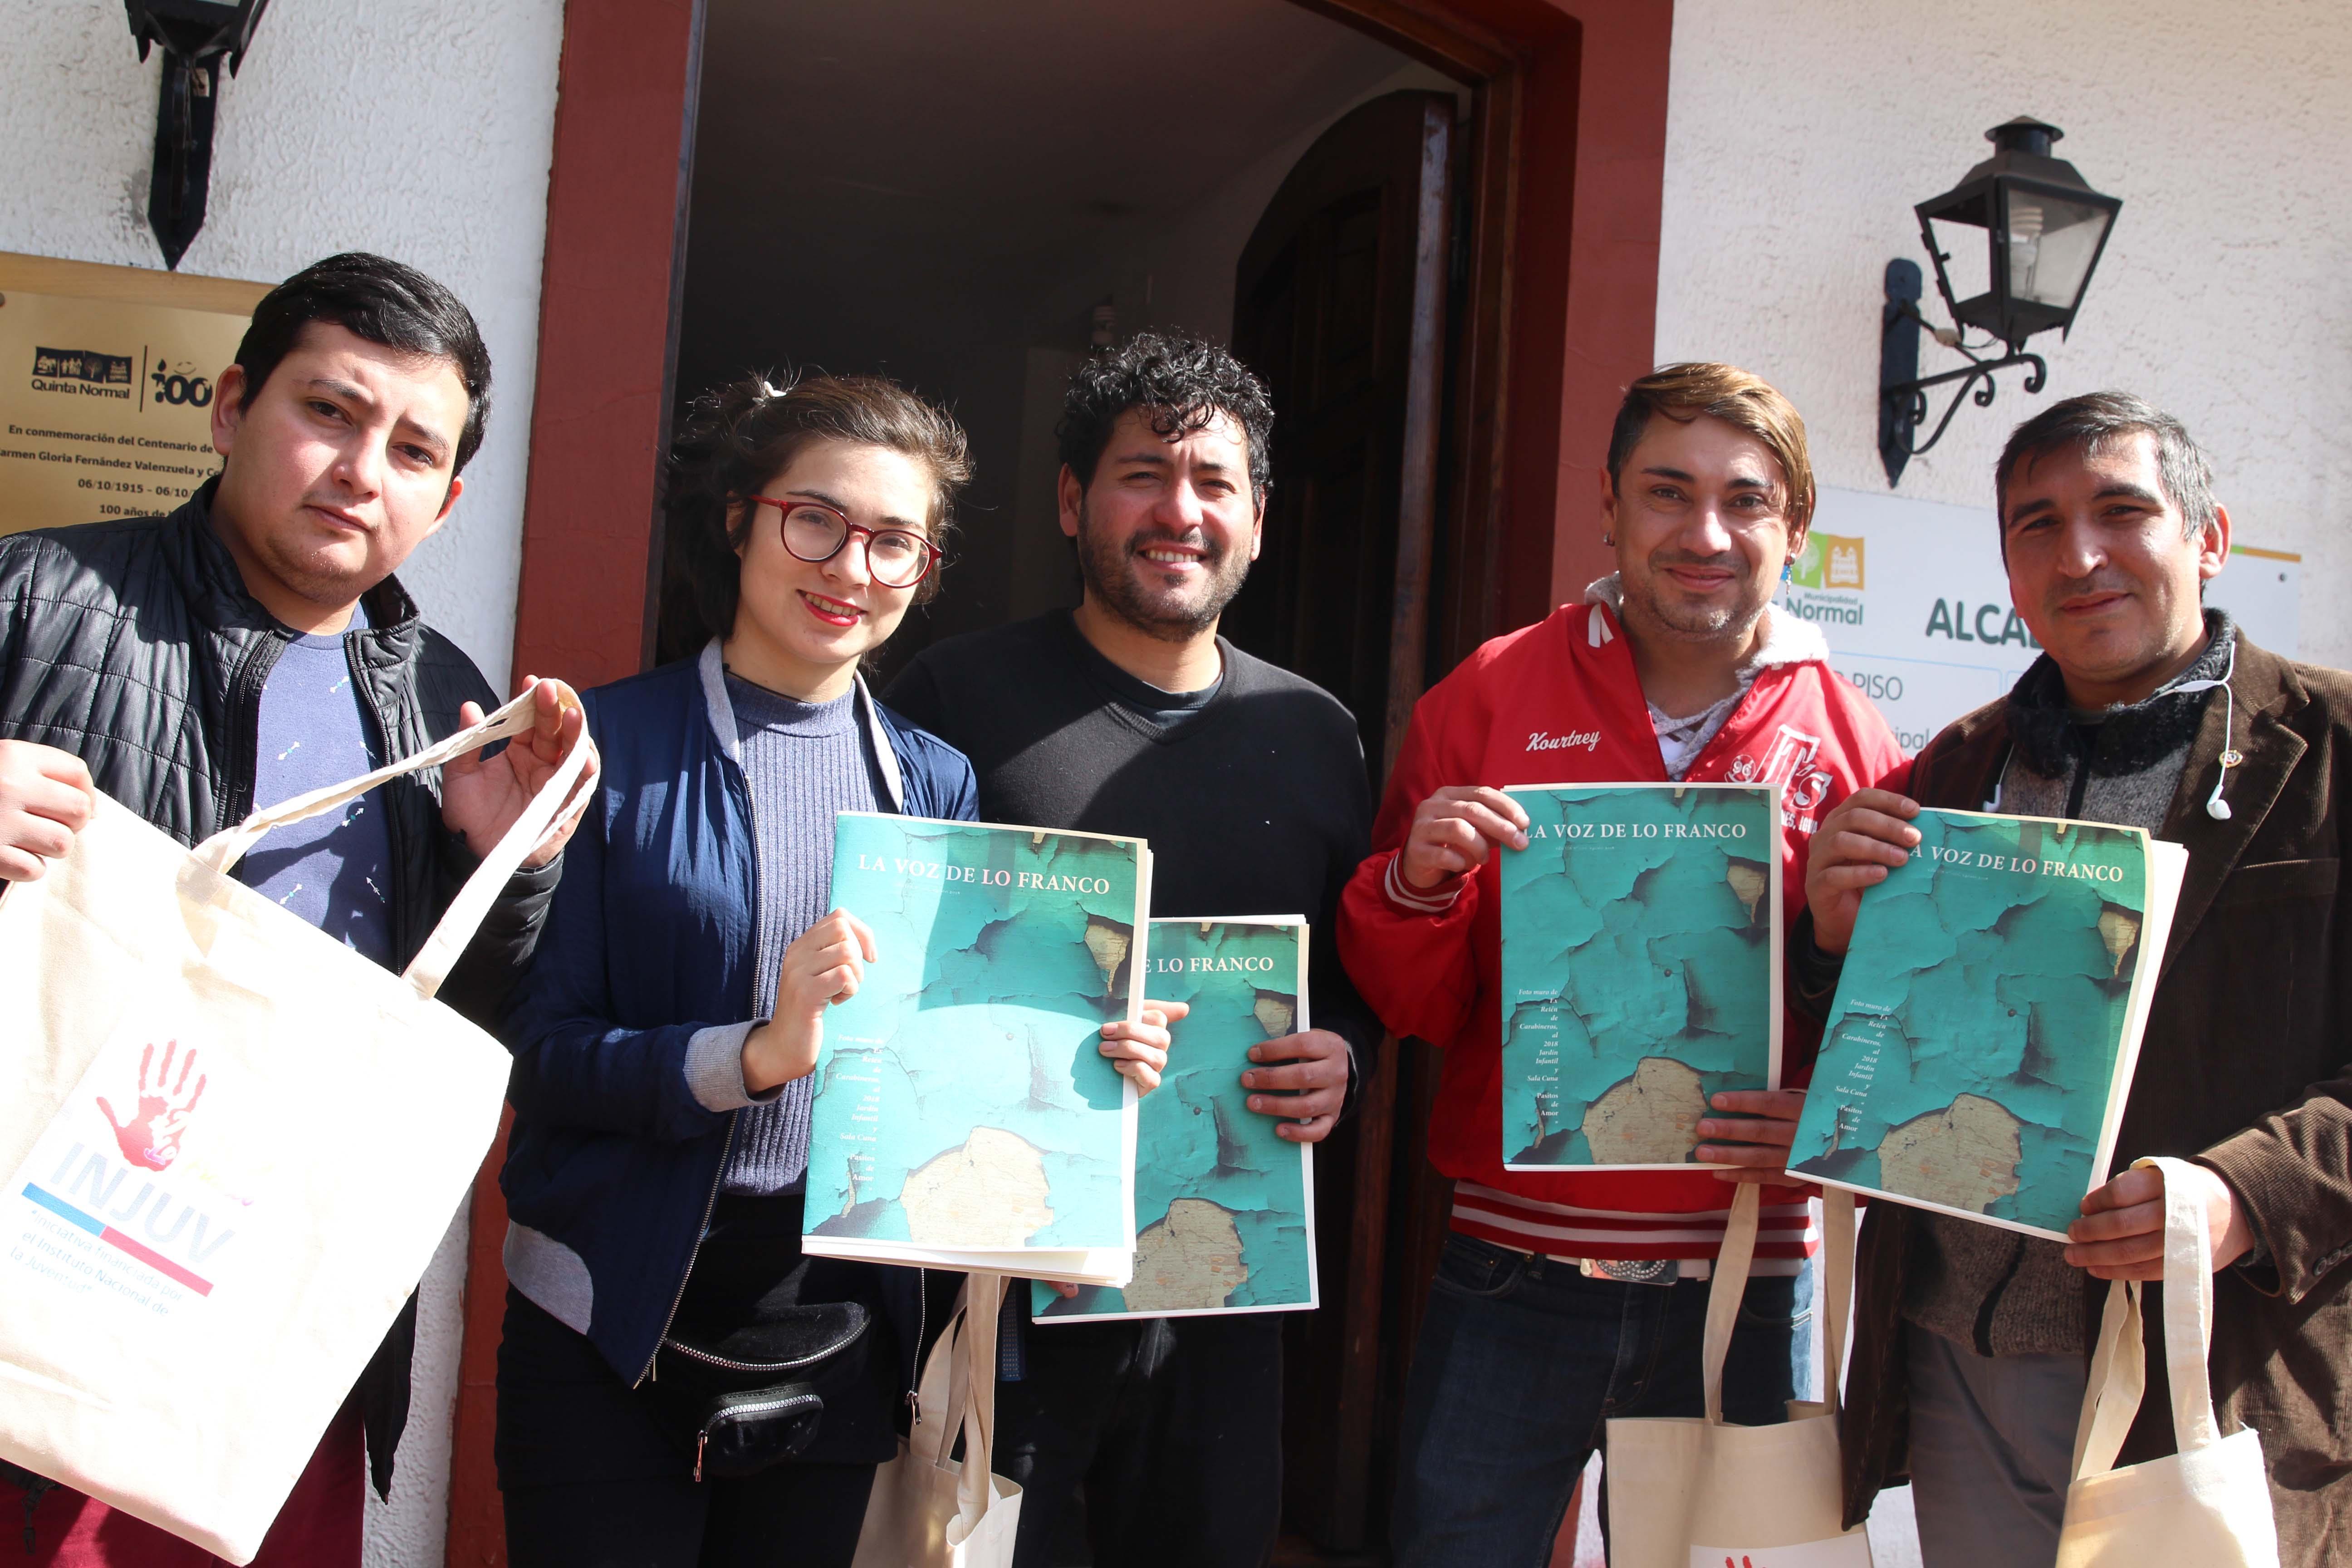 La Voz de Lo Franco: Nuevo periódico vecinal